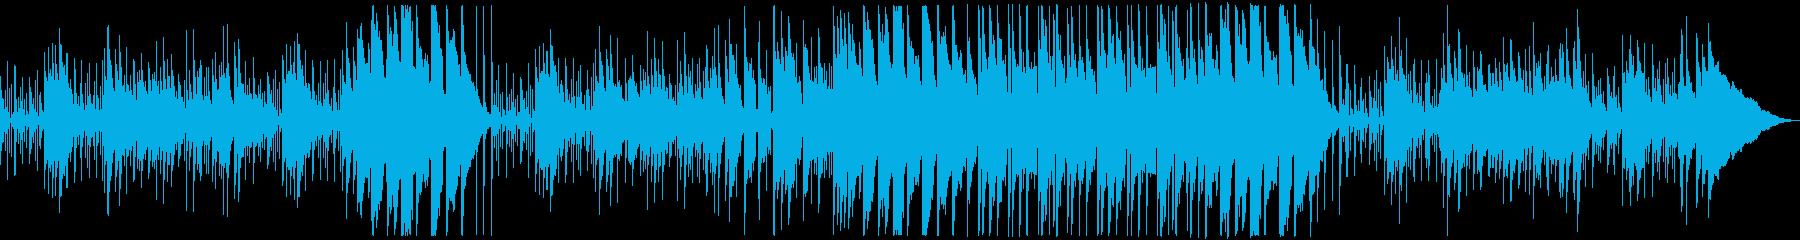 動画 技術的な 感情的 楽しげ 期...の再生済みの波形